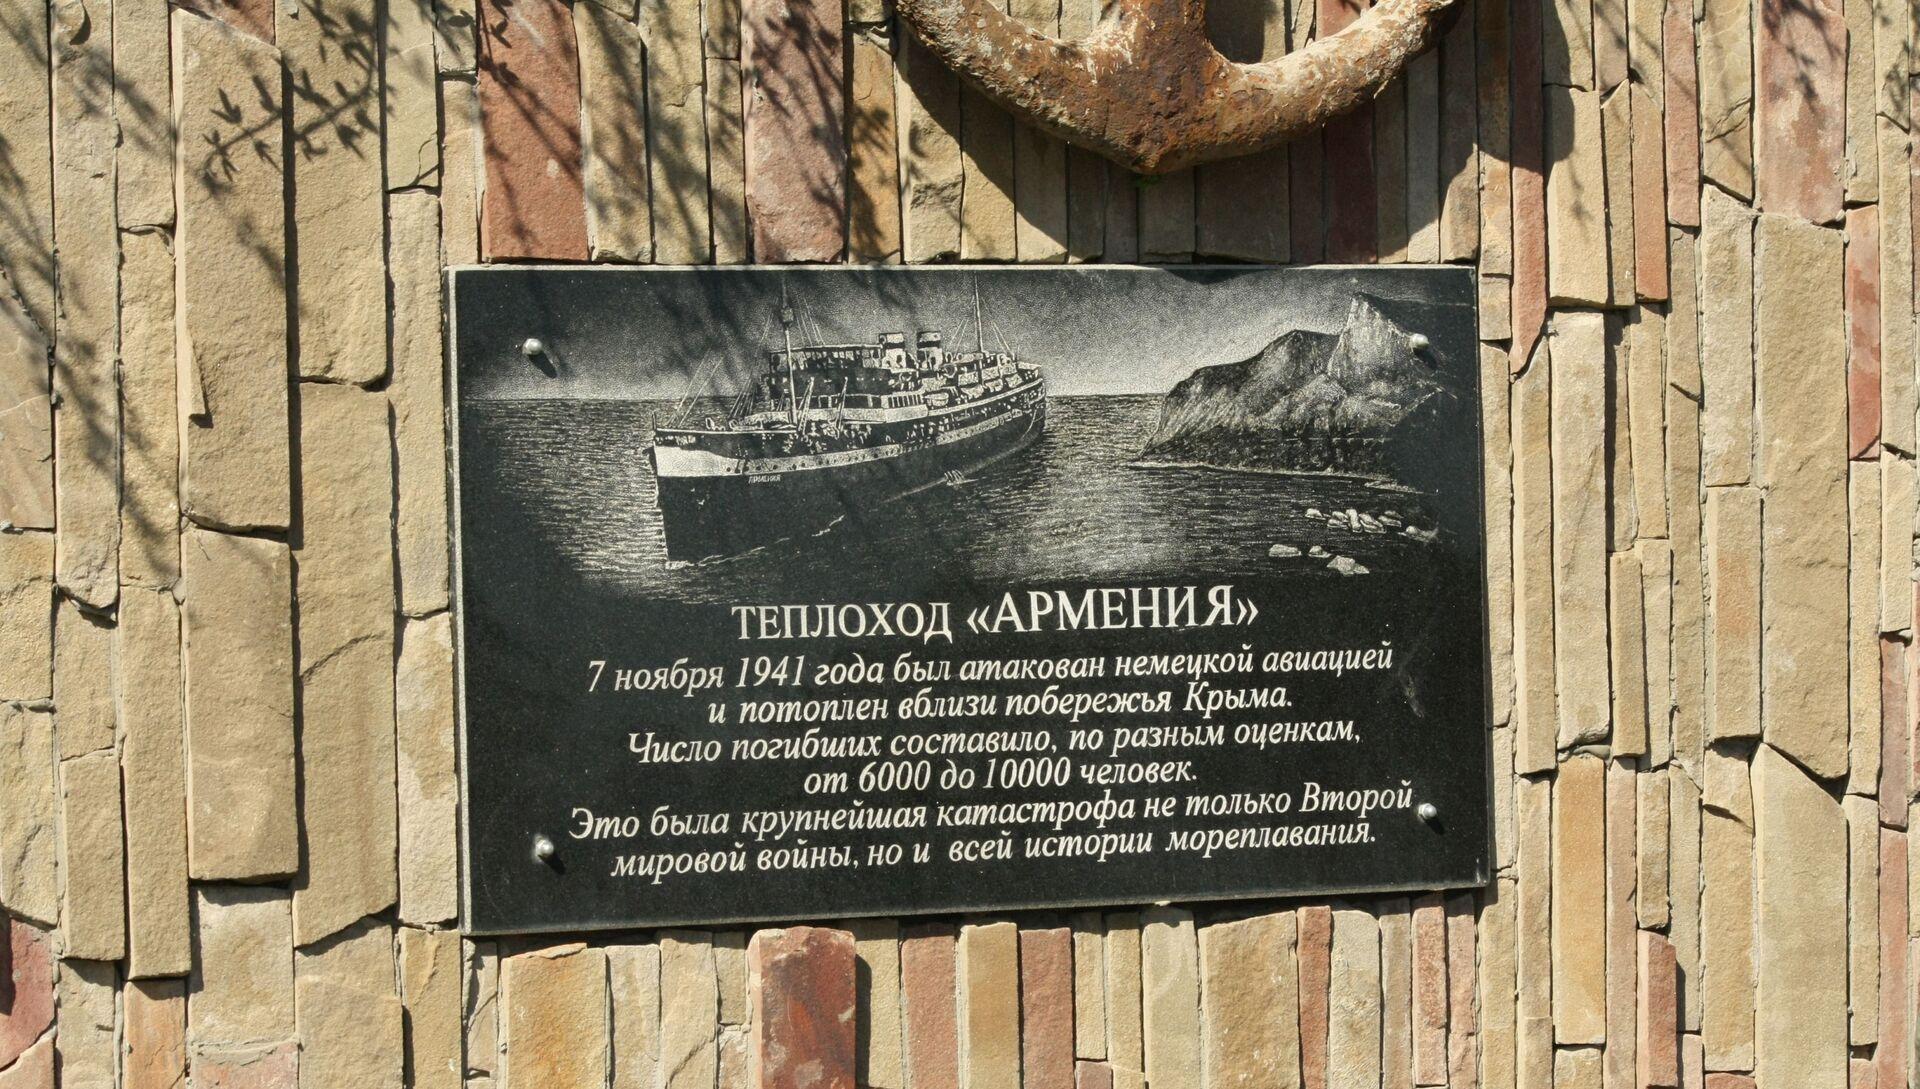 Памятная табличка теплоходу Армения в мемориальном комплексе около храма-маяка в Малореченском - РИА Новости, 1920, 01.03.2021